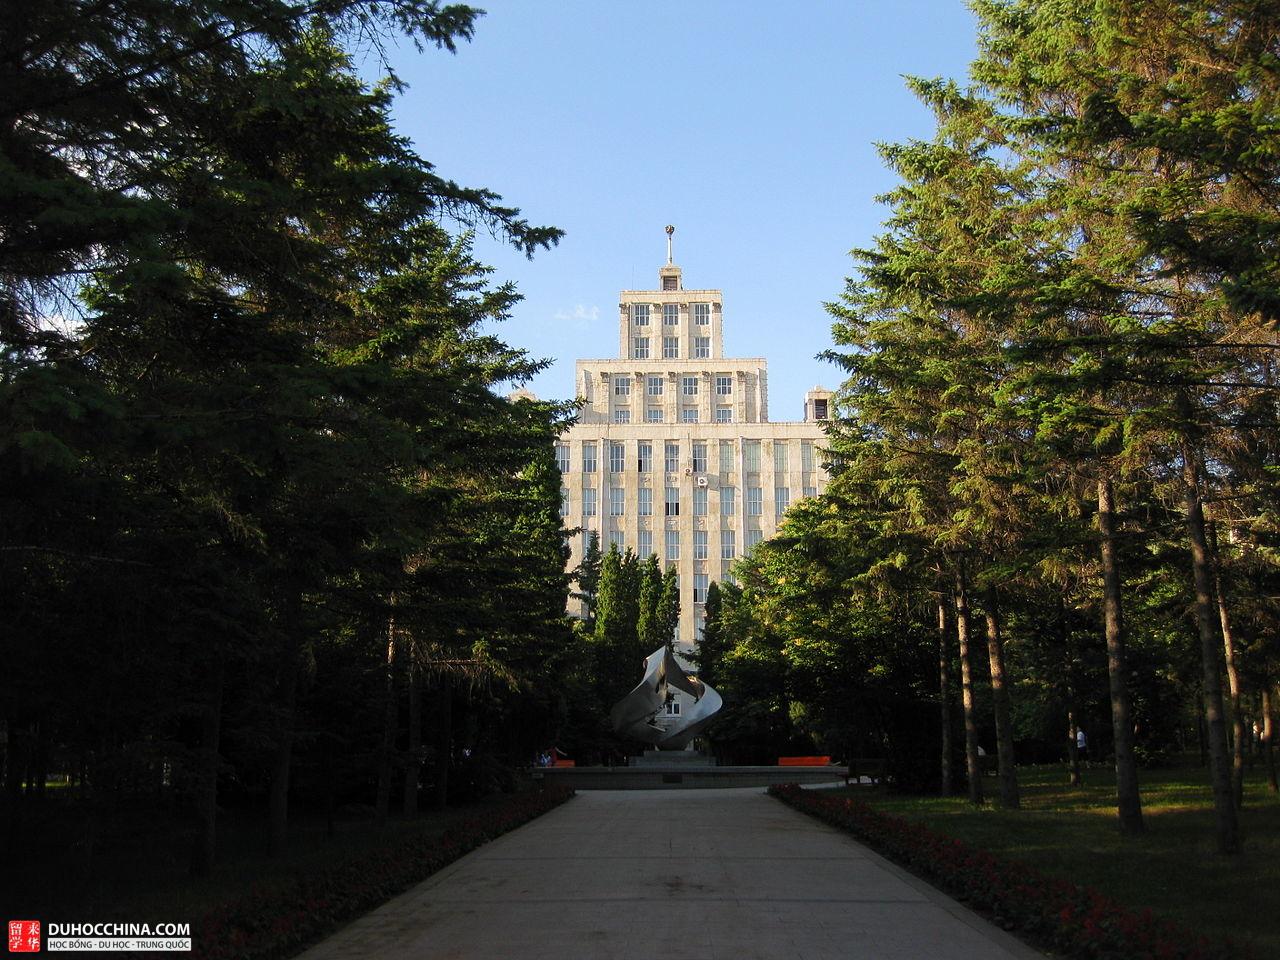 Đại học Lâm nghiệp Đông Bắc - Cáp Nhĩ Tân - Trung Quốc